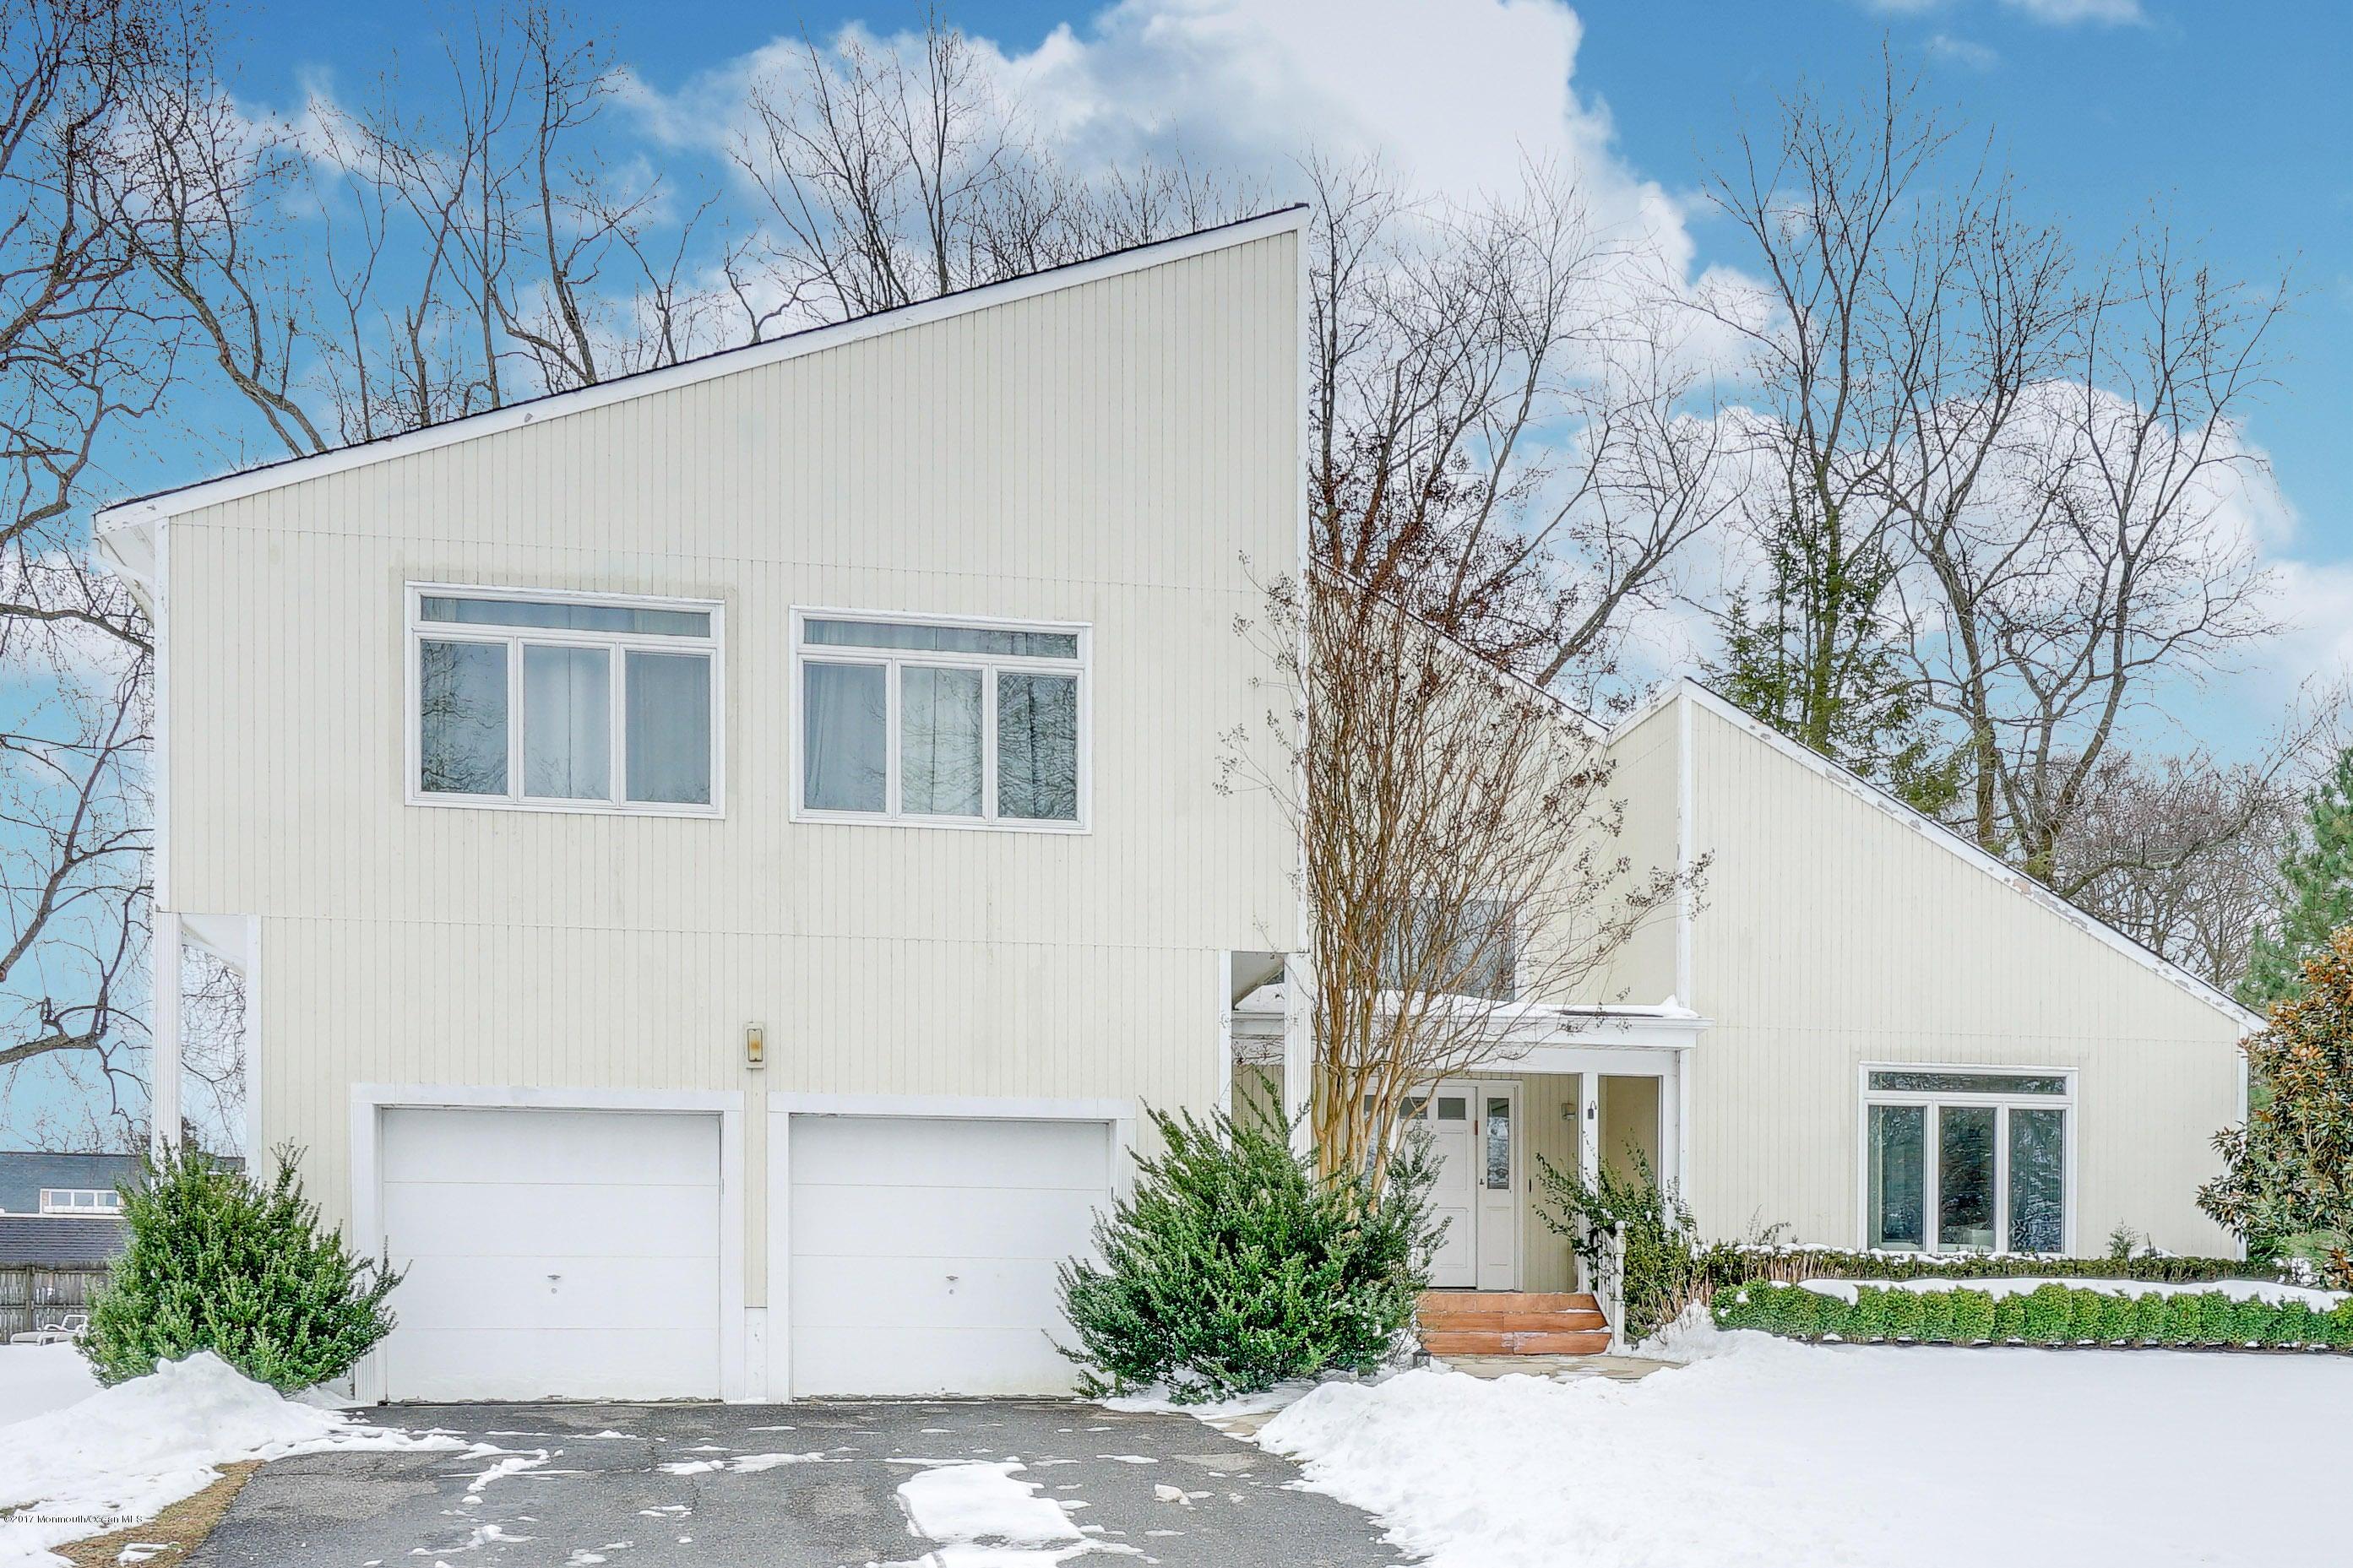 独户住宅 为 销售 在 1 Harvard Court Oakhurst, 新泽西州 07755 美国